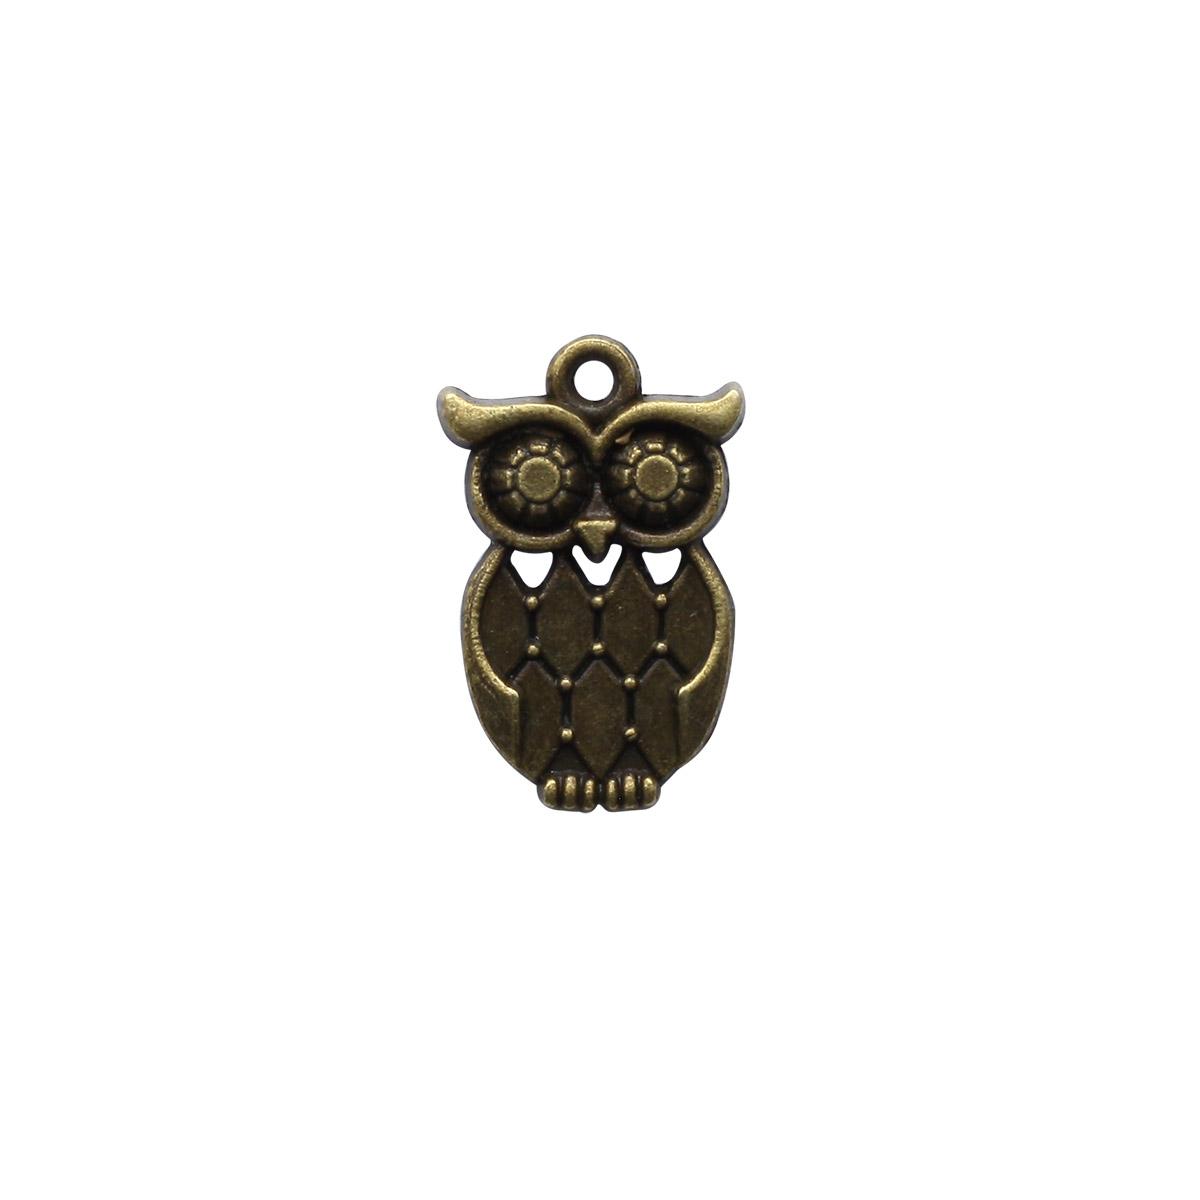 4AR048 Подвеска металлическая сова 7292,2шт/упак, Астра